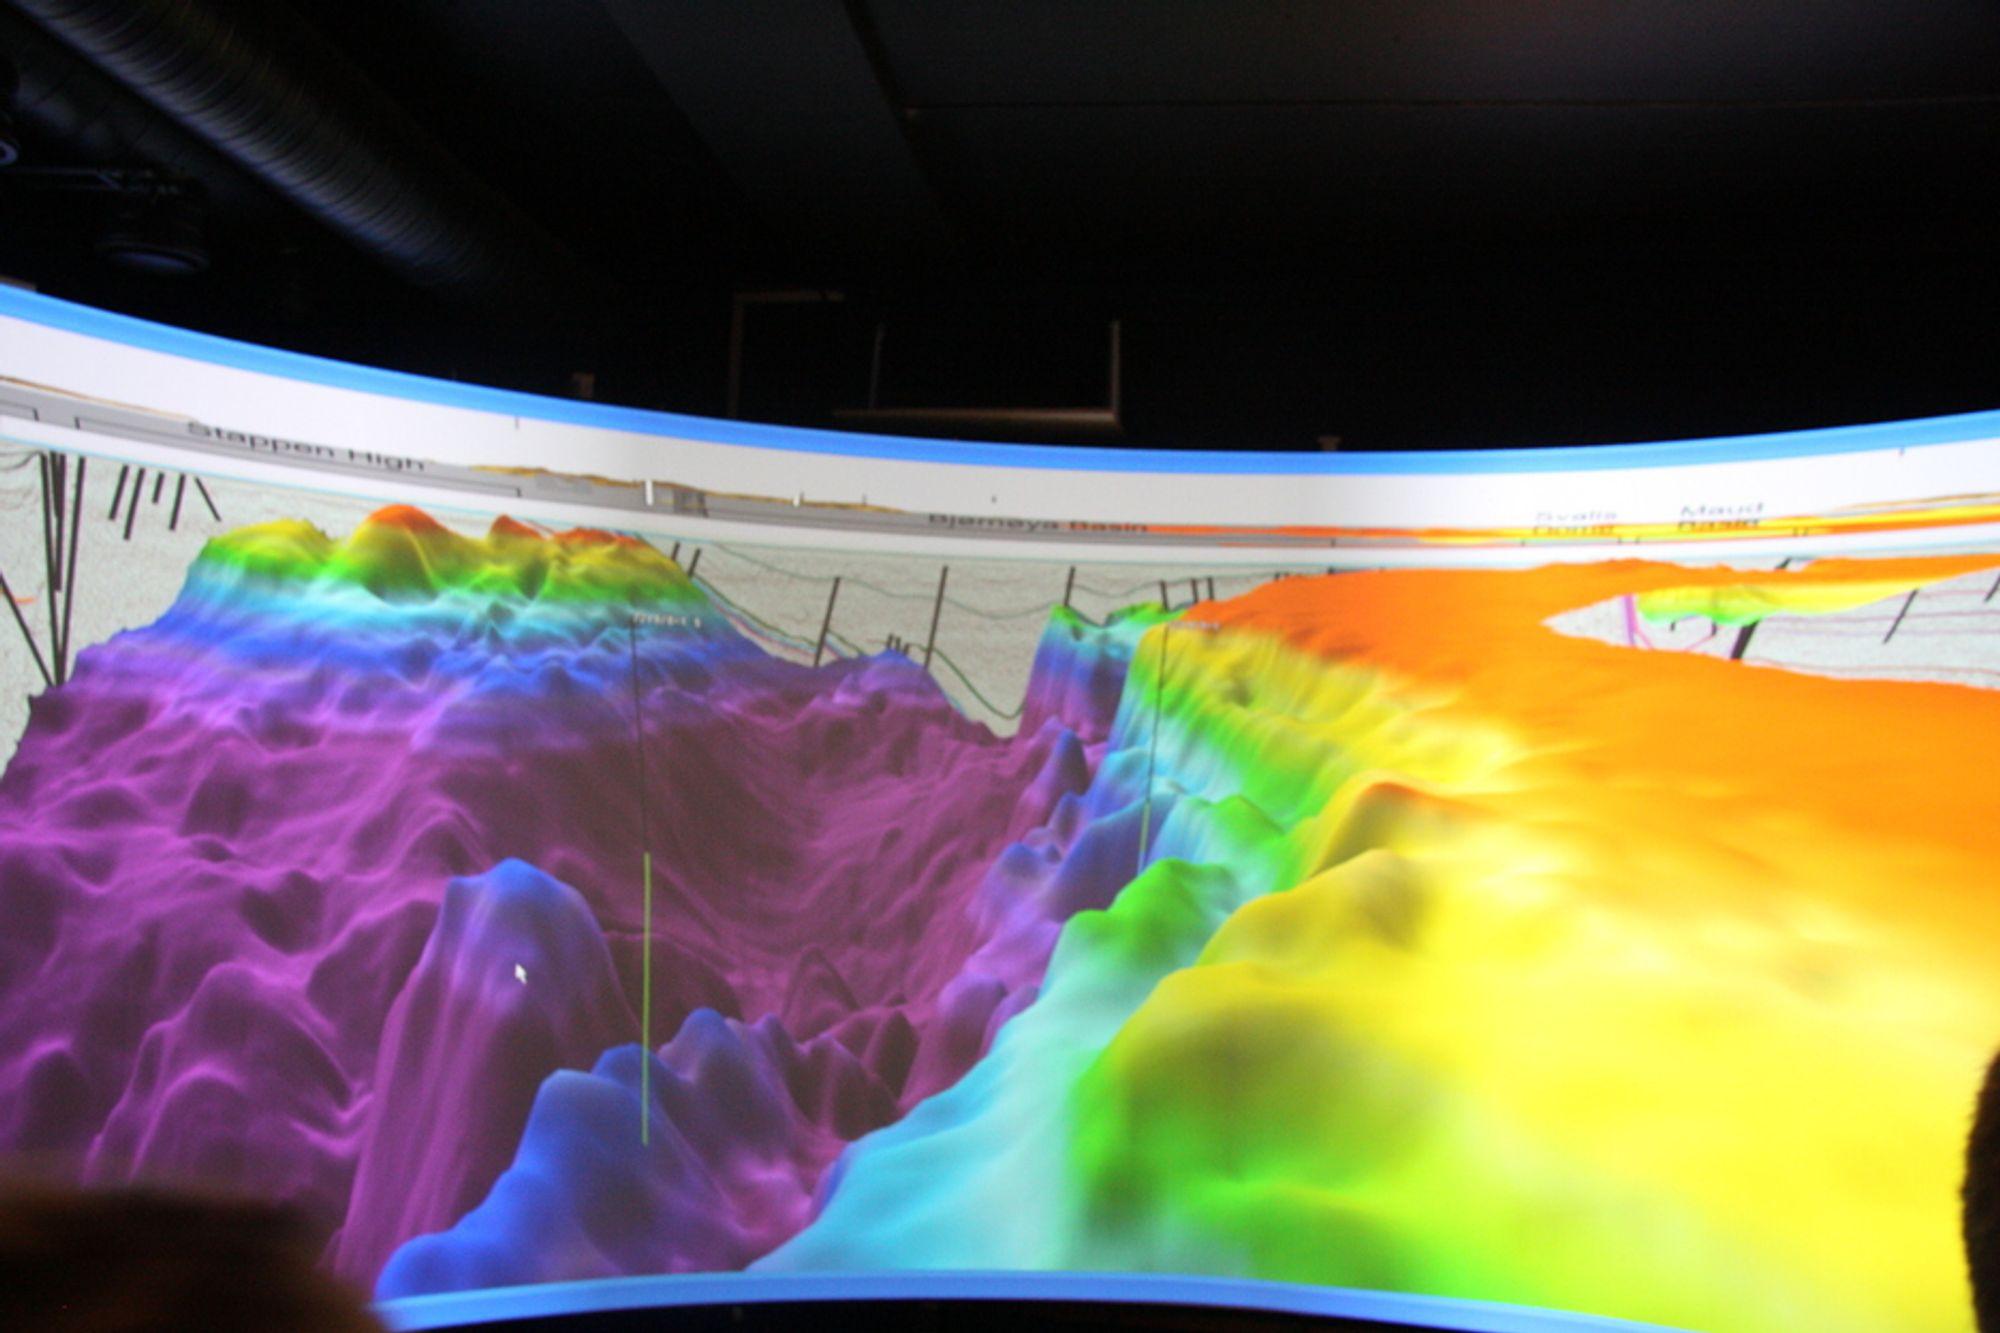 Havis-prospektet kan gi økte reserver til Skrugard-feltet. Her fra en presentasjon av Skrugard-funnet i 3D.